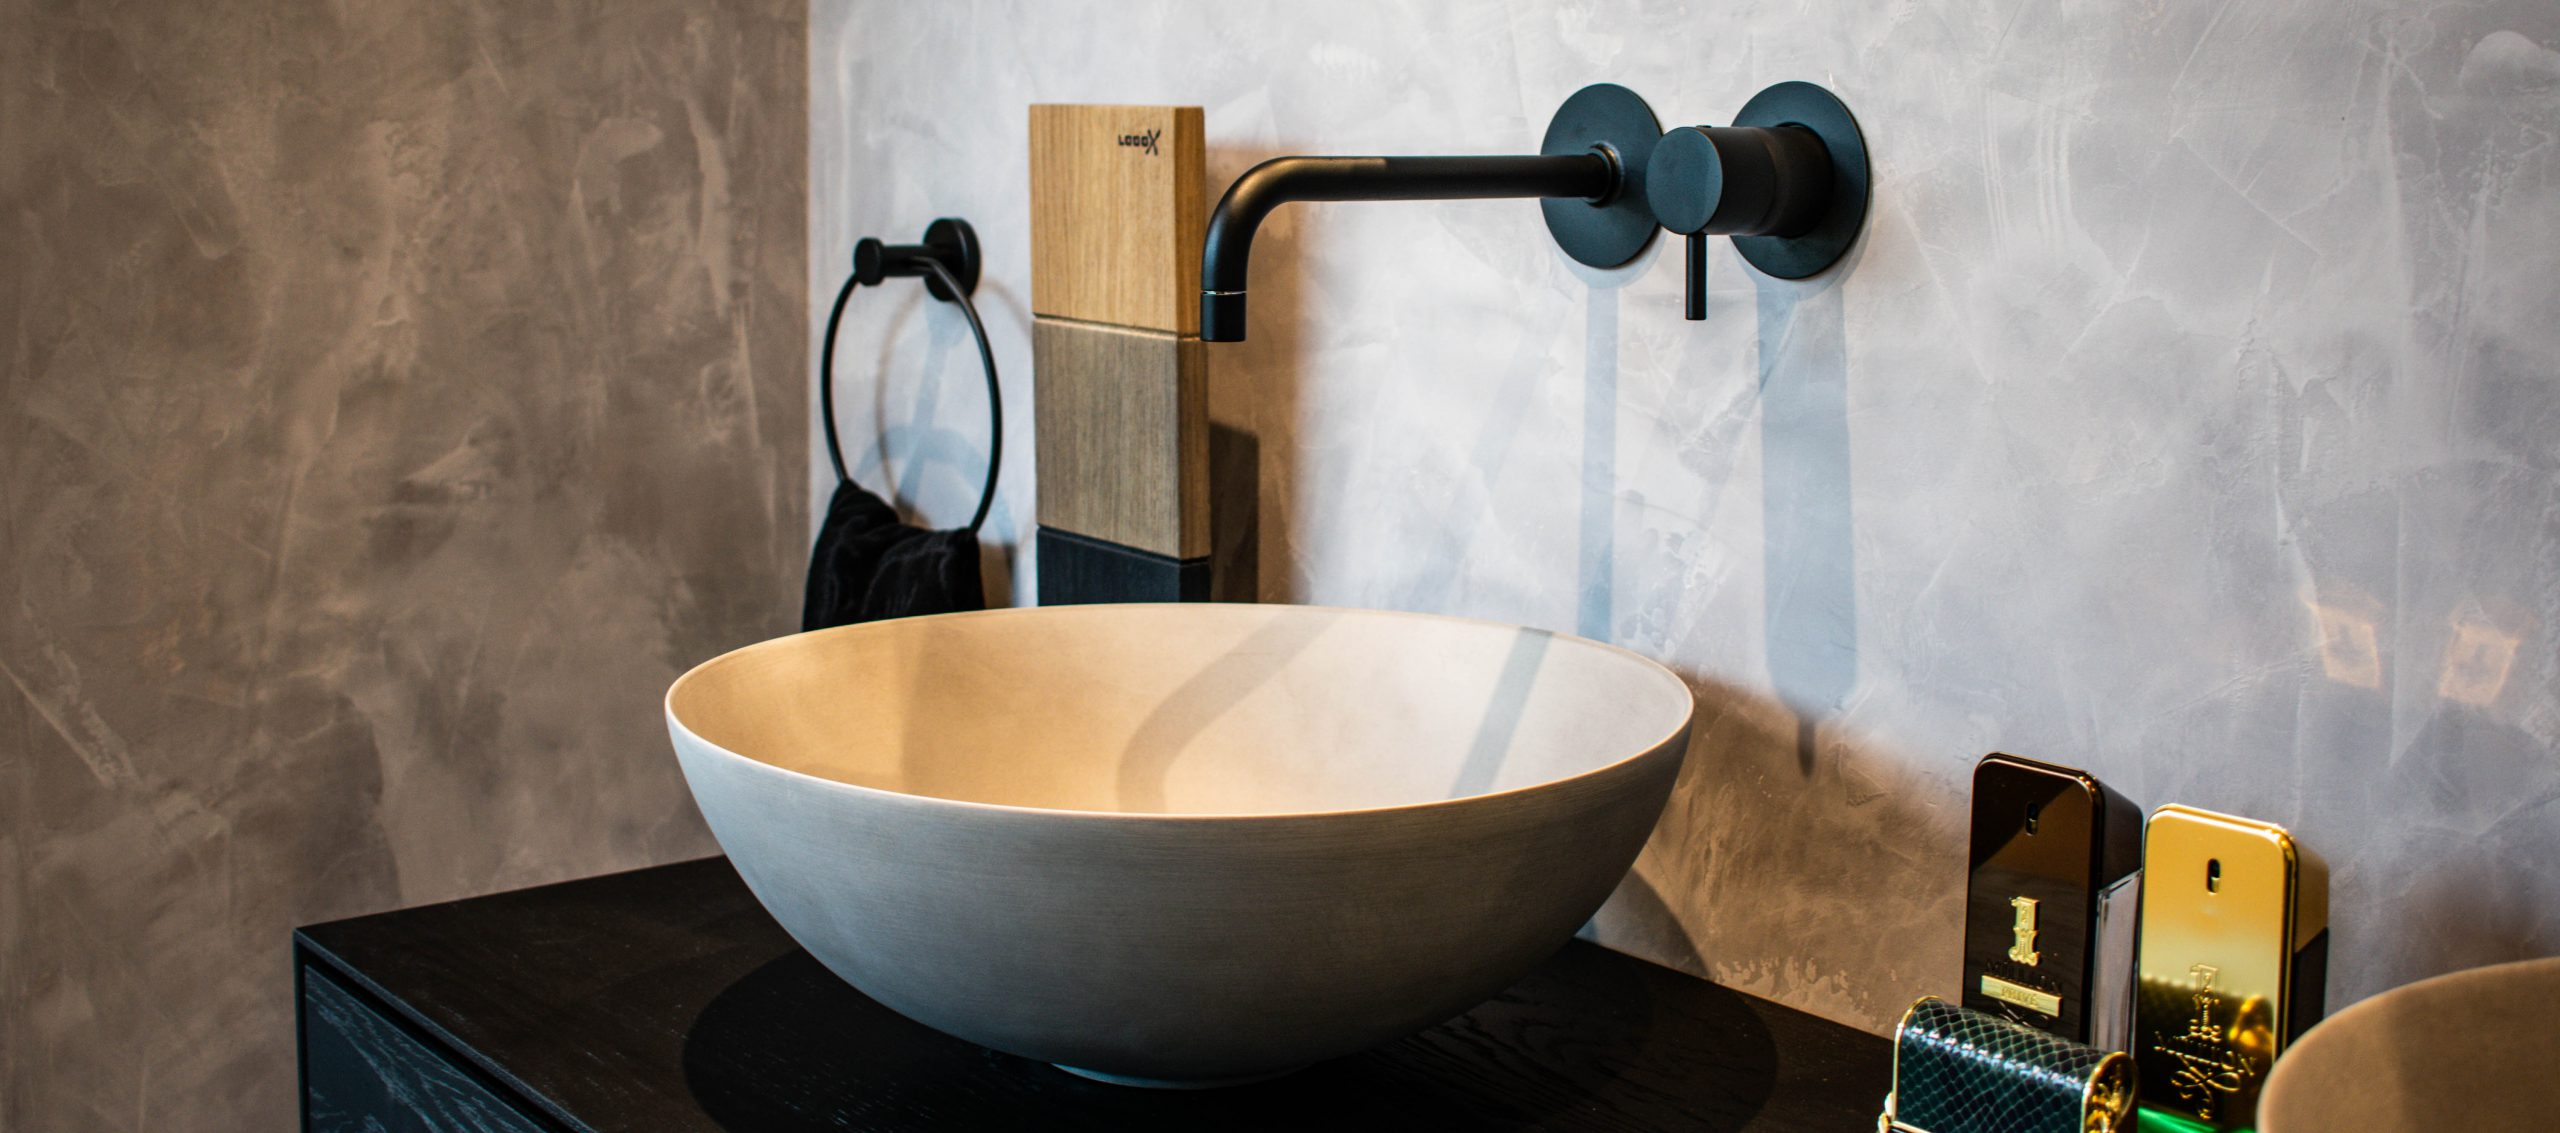 Showroom Keuken & Badkamer Design Kampen